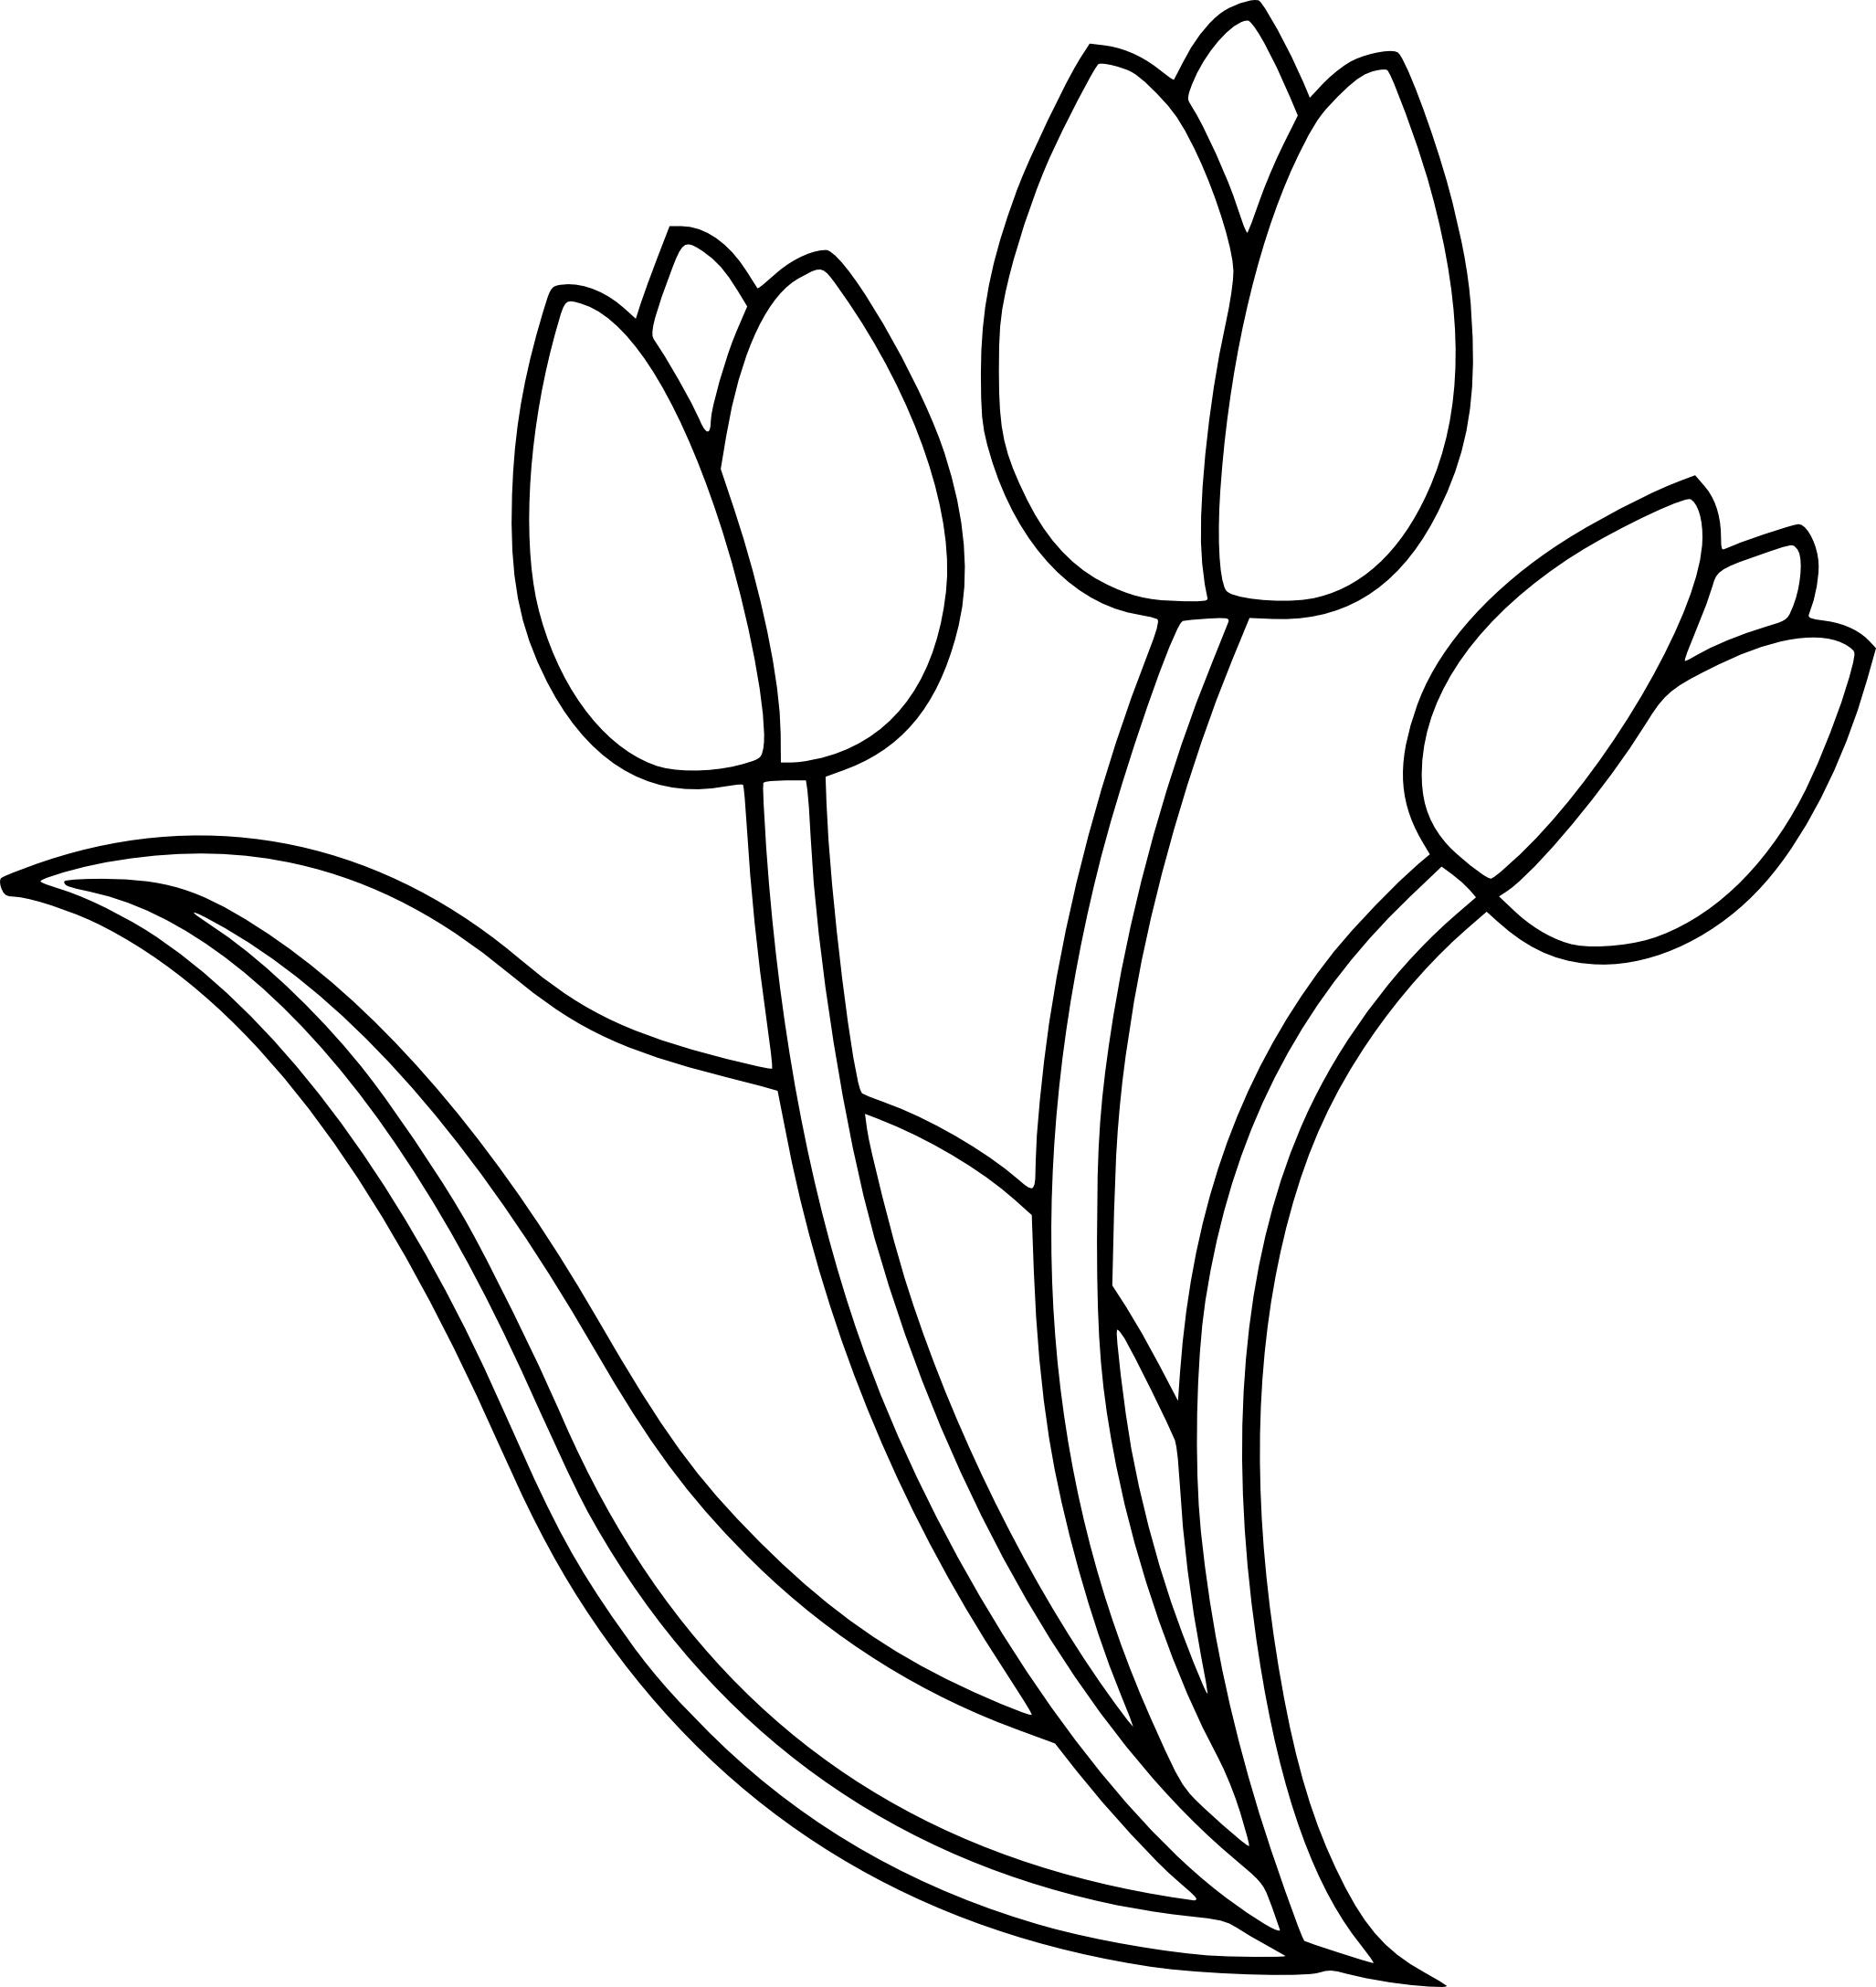 Coloriage tulipe imprimer - Dessin de fleur facile ...